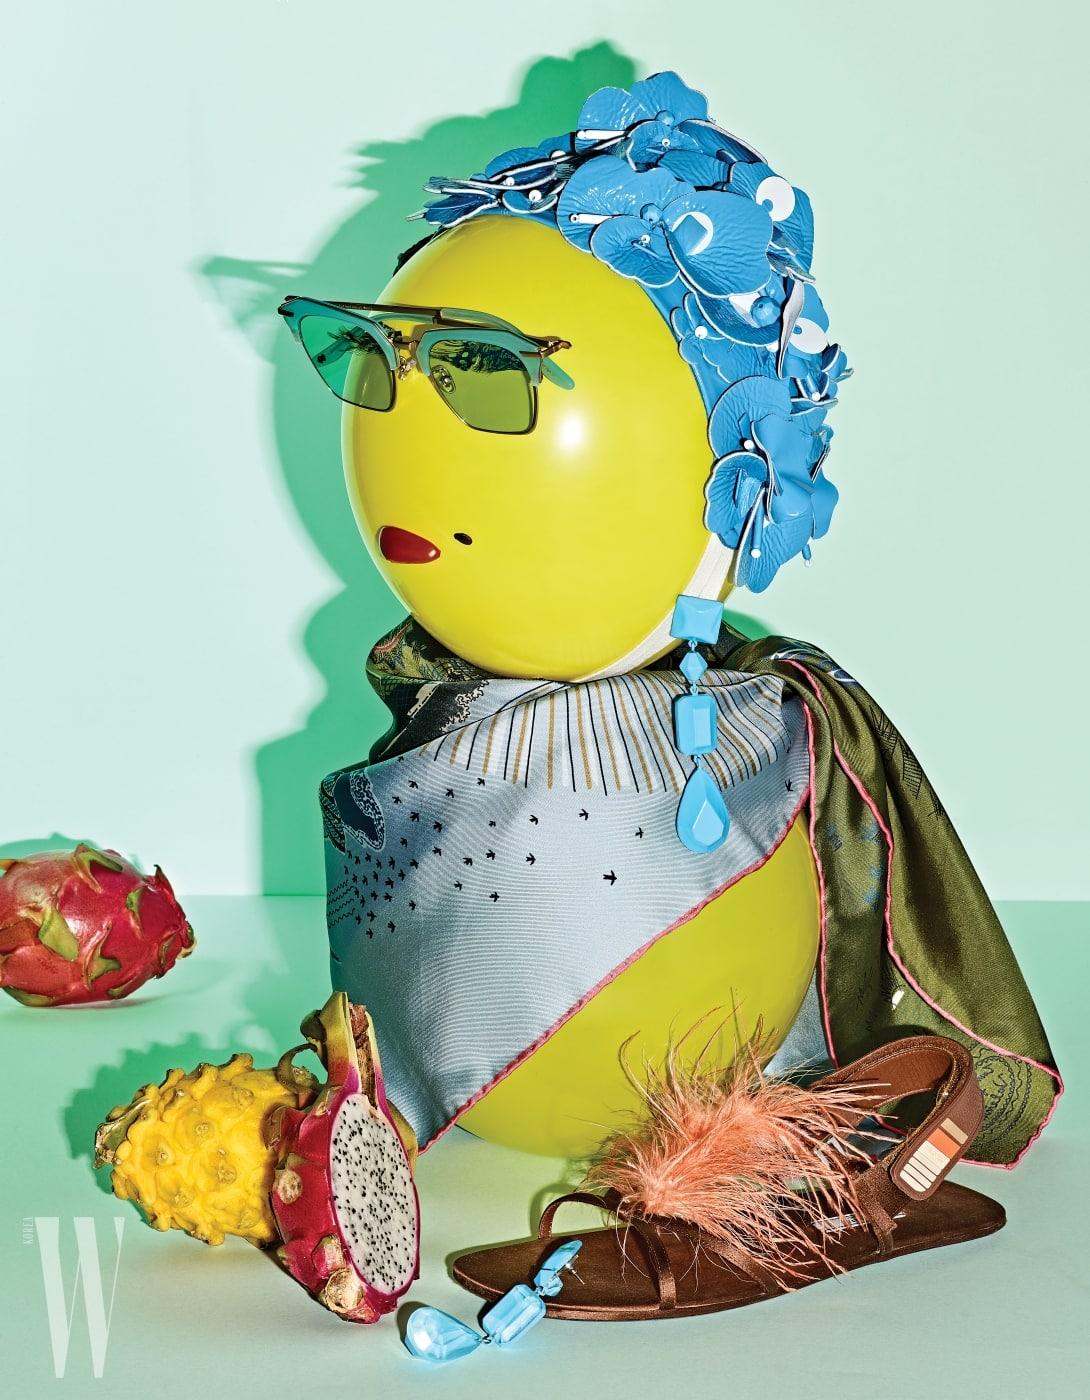 위부터 시계 방향   꽃 모티프의 레트로풍 헤드피스는 Miu Miu, 푸른 원석 장식의 드롭형 귀고리는 Celine, 섬세한 프린트가 돋보이는 실크 스카프는 Valentino Garavani, 타조 깃털 장식이 우아함을 더하는 플랫 샌들은 Prada, 푸른색 셰이딩의 틴트 선글라스는 Front Eyewear 제품.